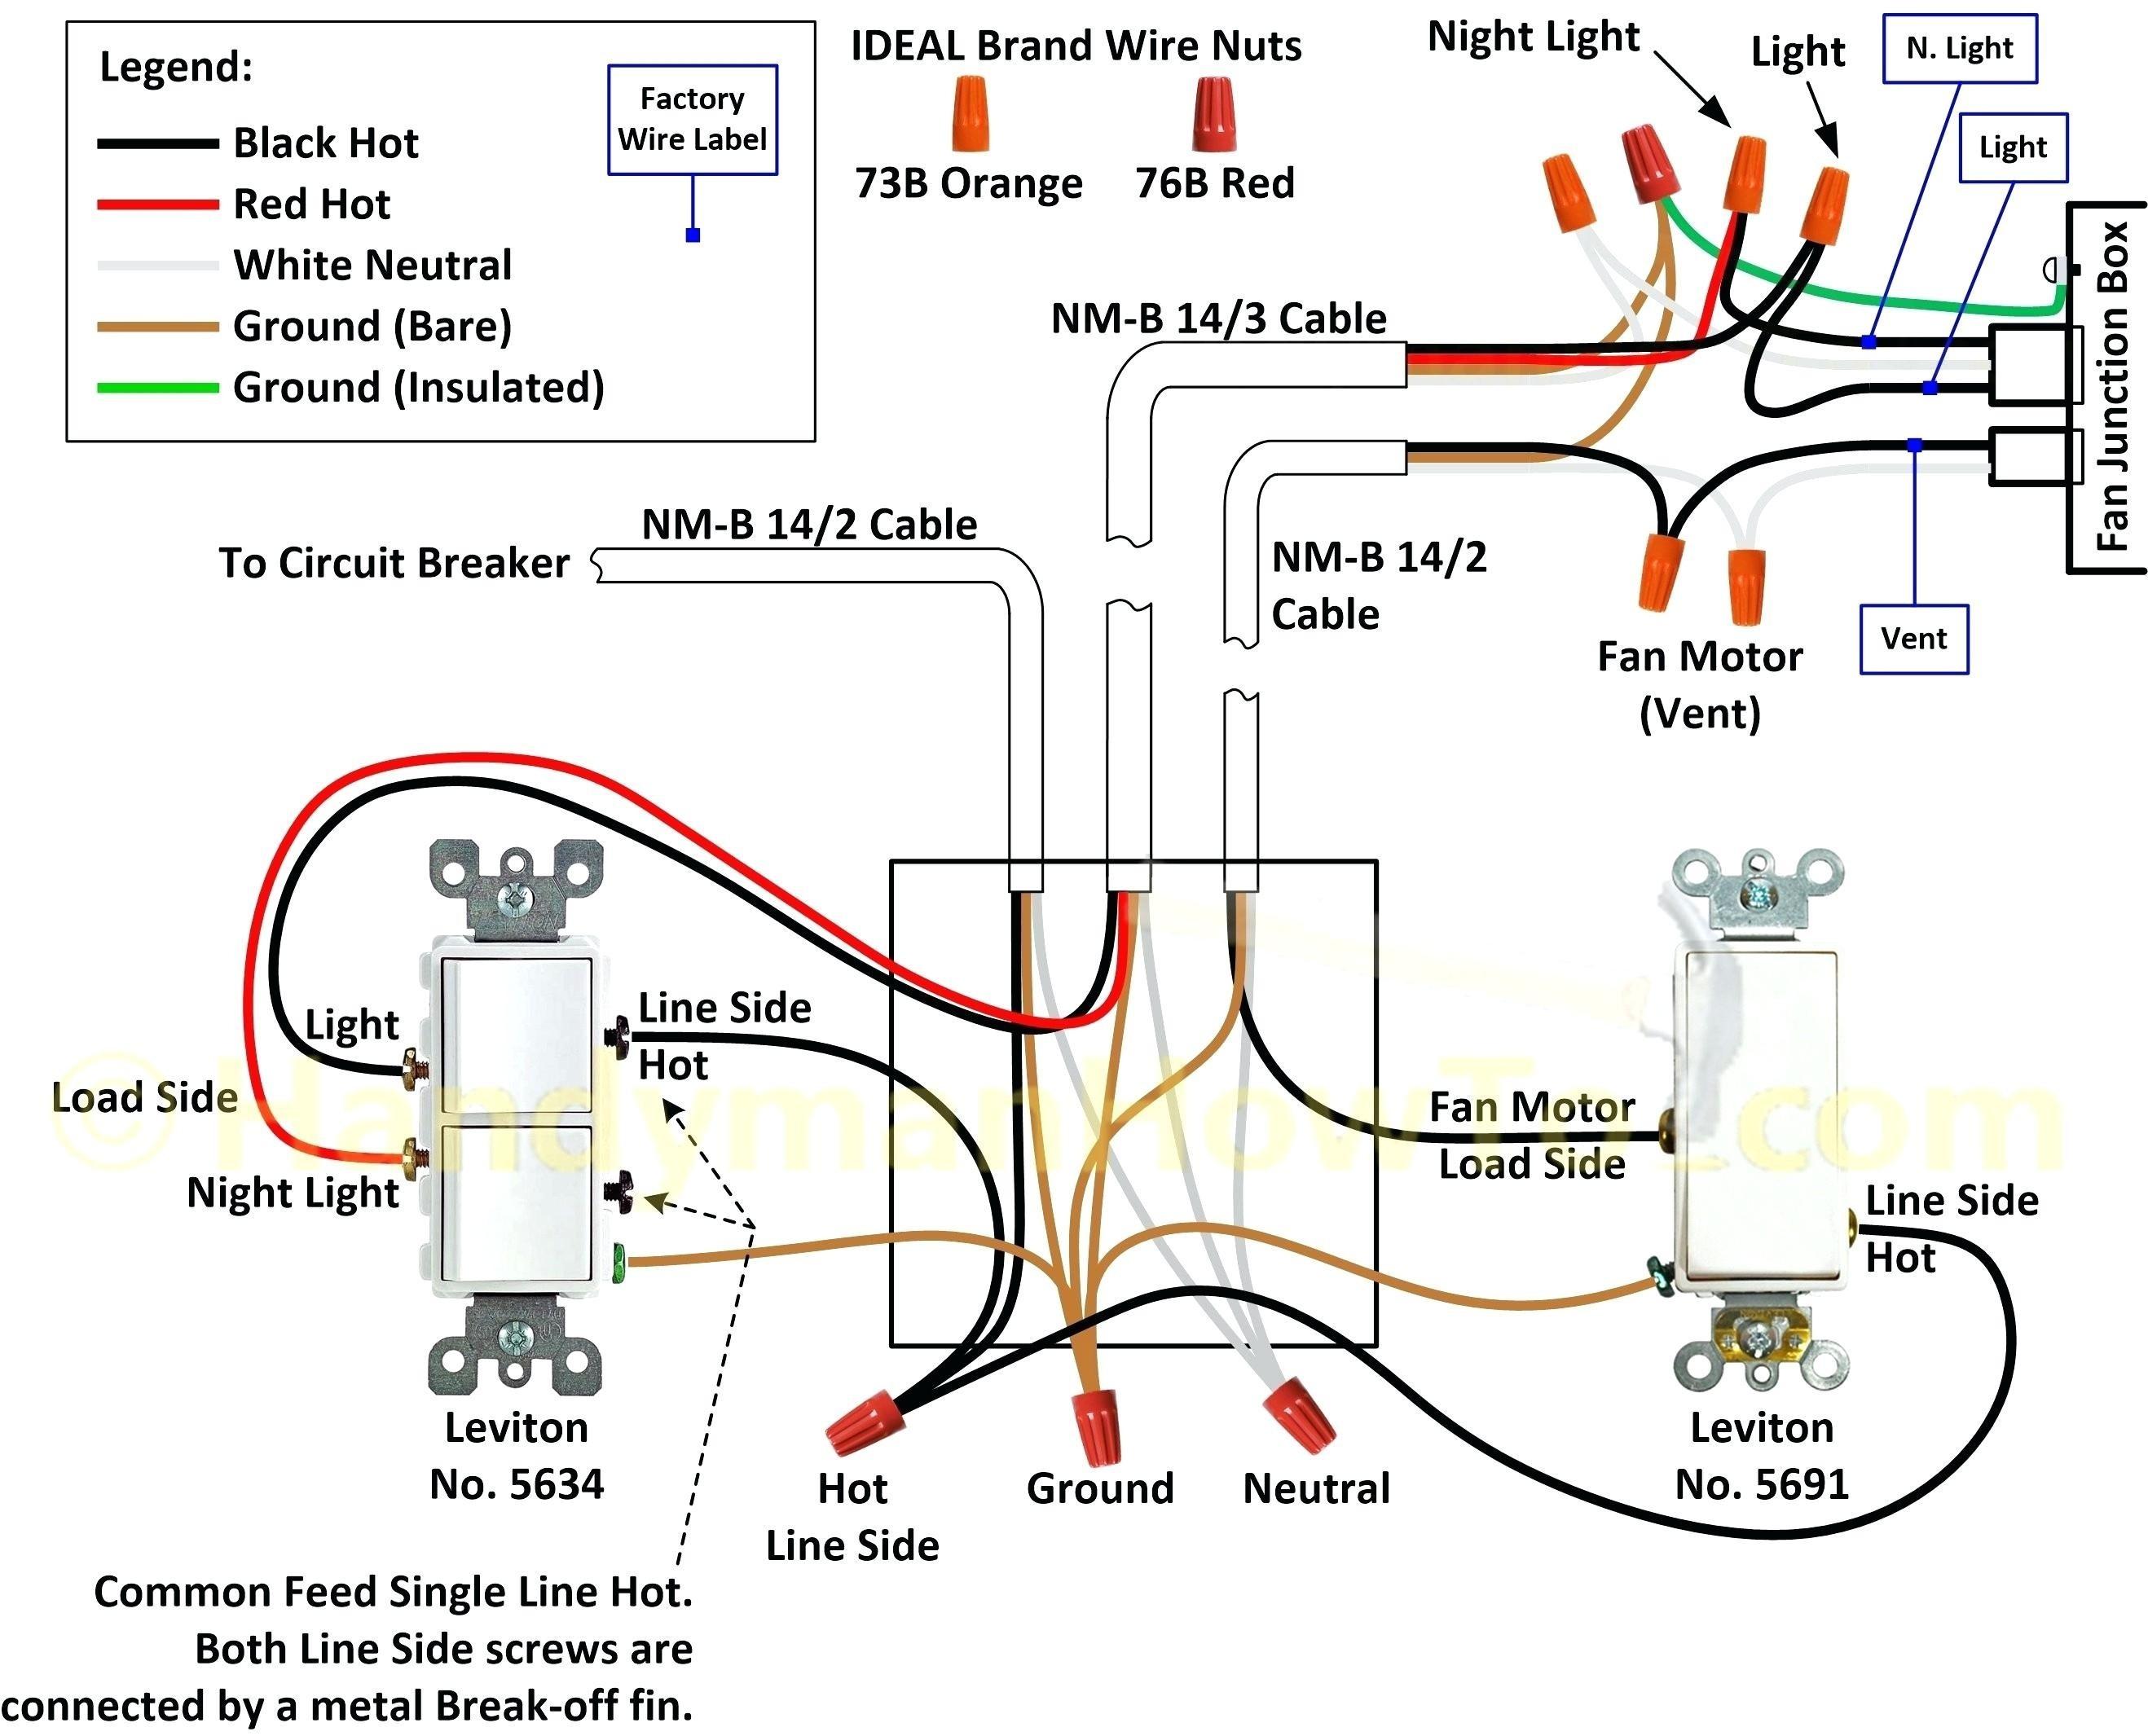 broan bathroom fan wiring diagram Download-Broan Exhaust Fan Wiring Diagram New Home Designs Panasonic Bathroom Exhaust Fan Awesome Exhaust Fan 4-t